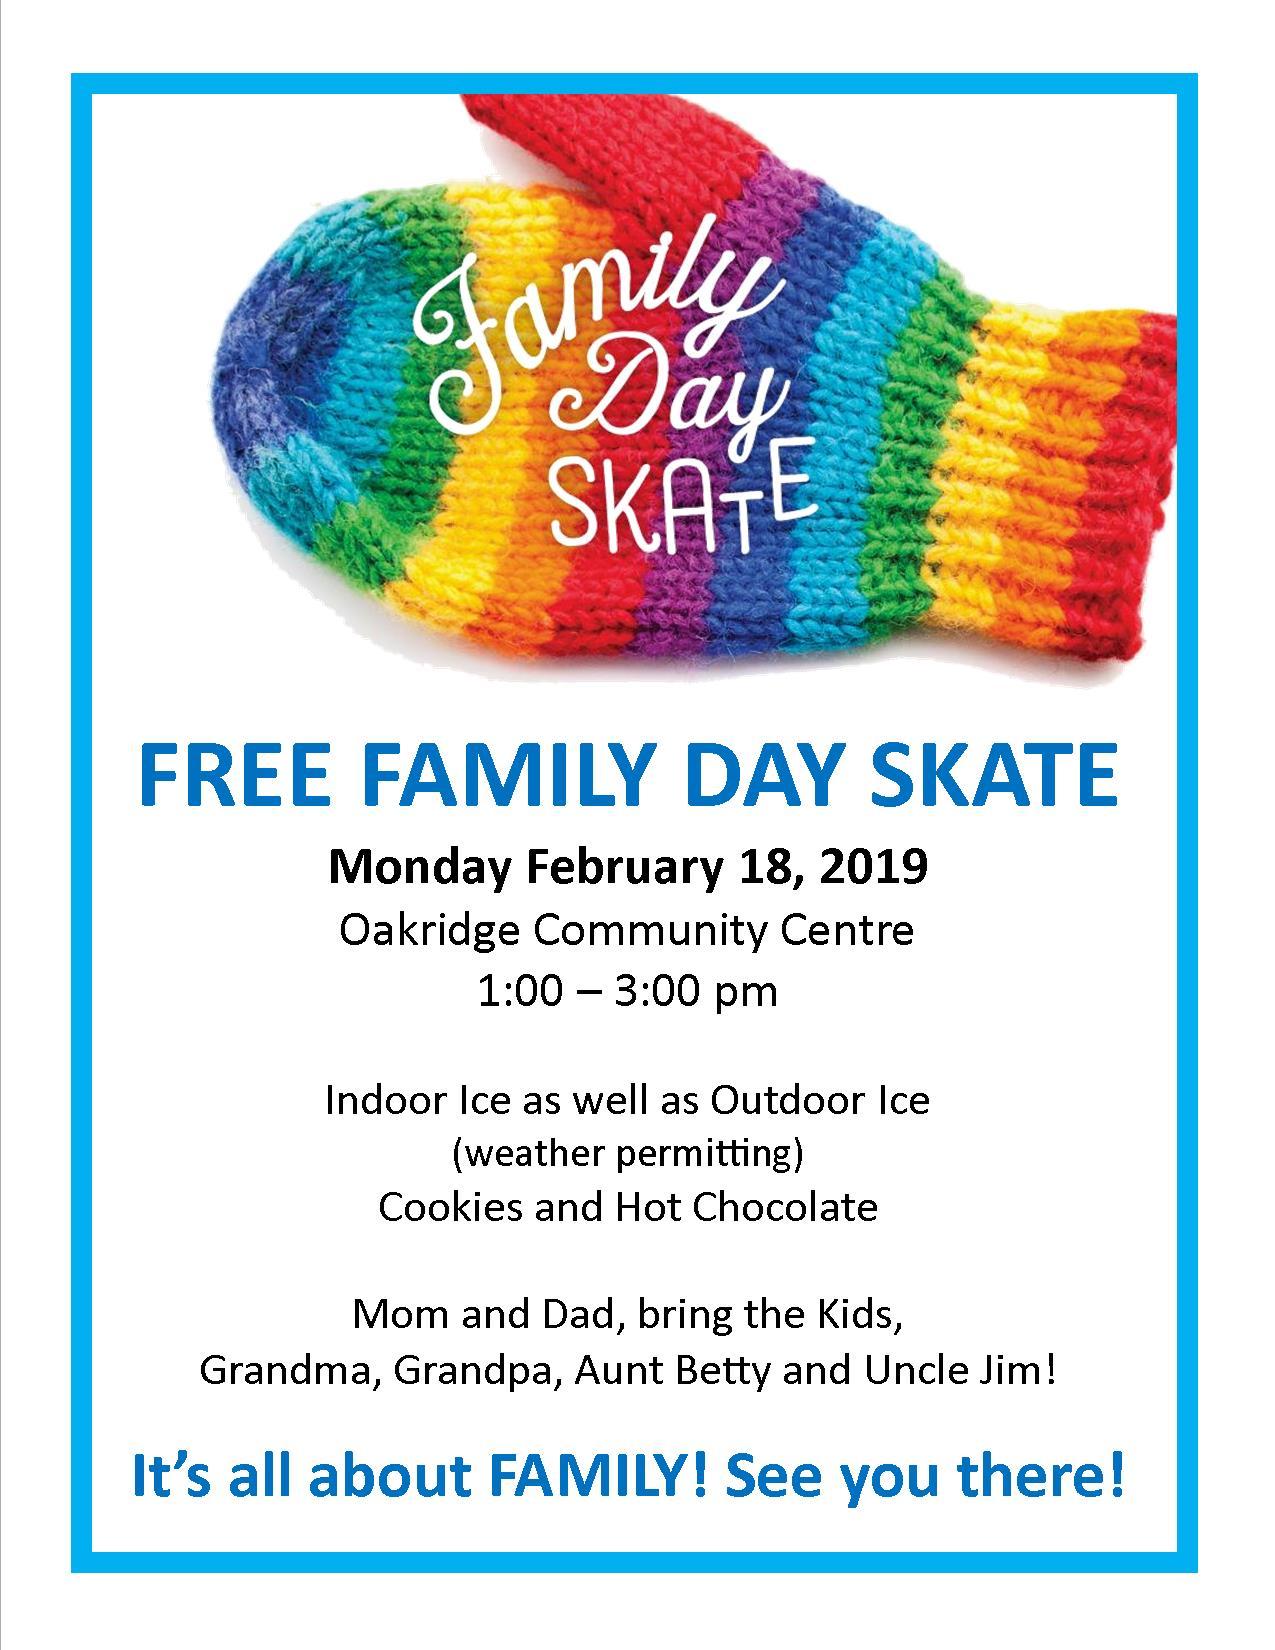 2019 family day skate